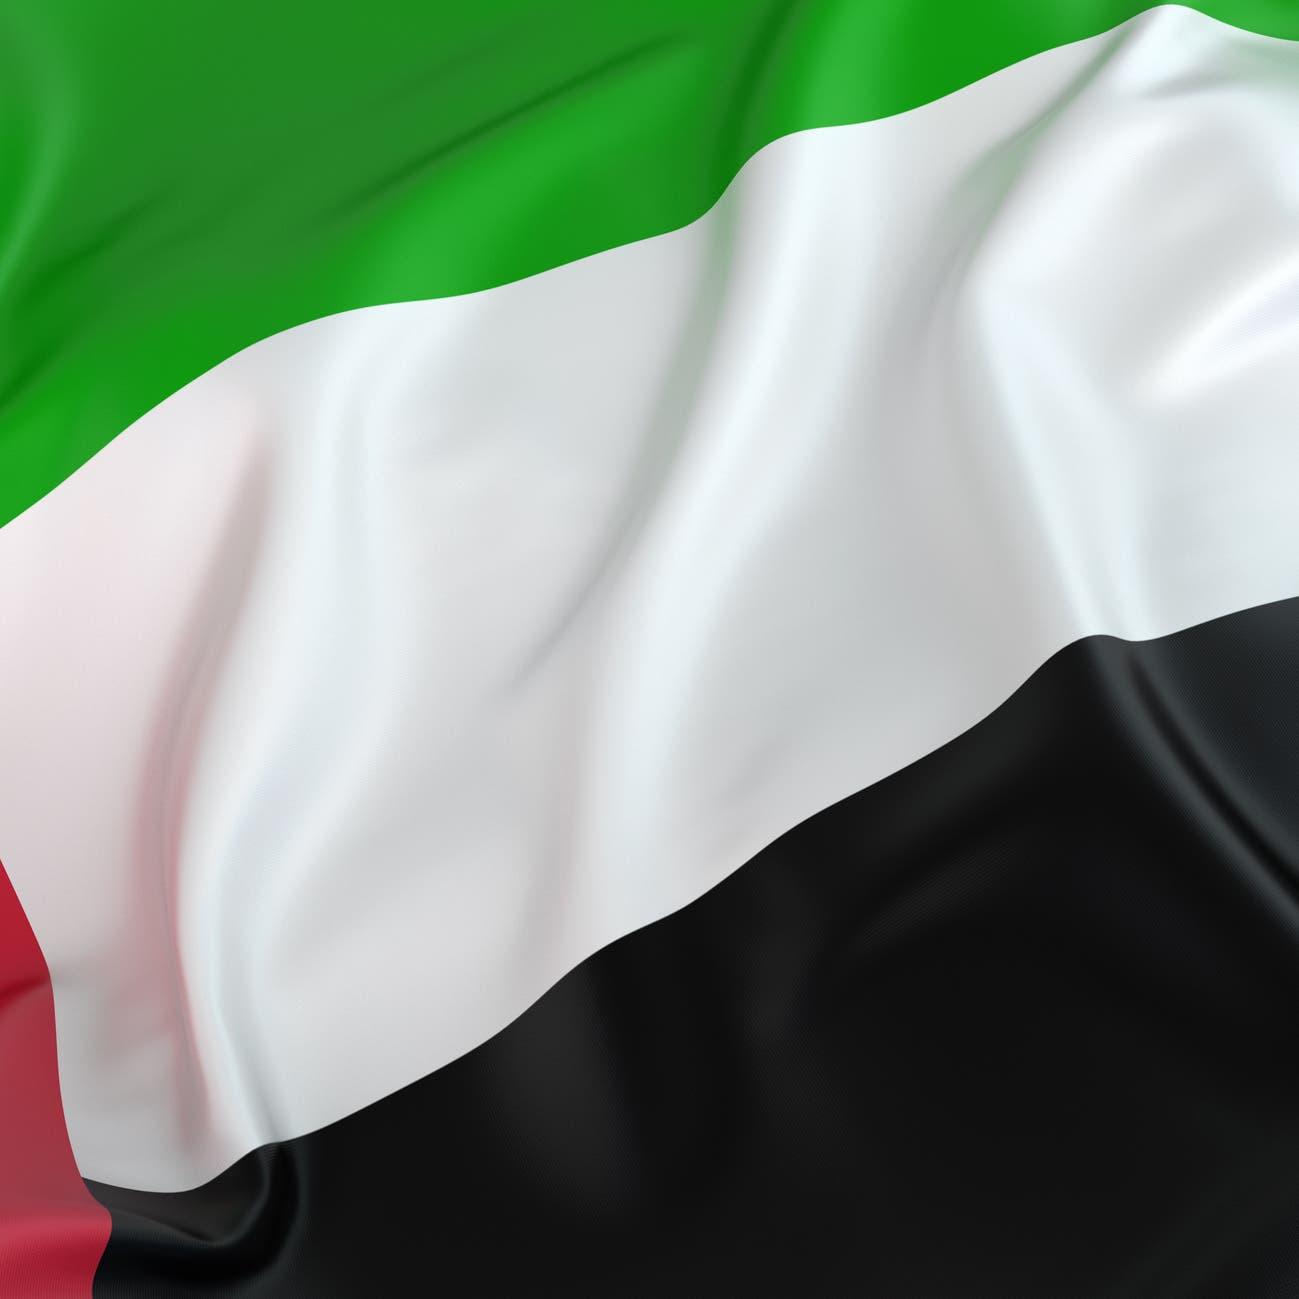 الإمارات تستدعي القائم بالأعمال في سفارة إيران.. وتحتج